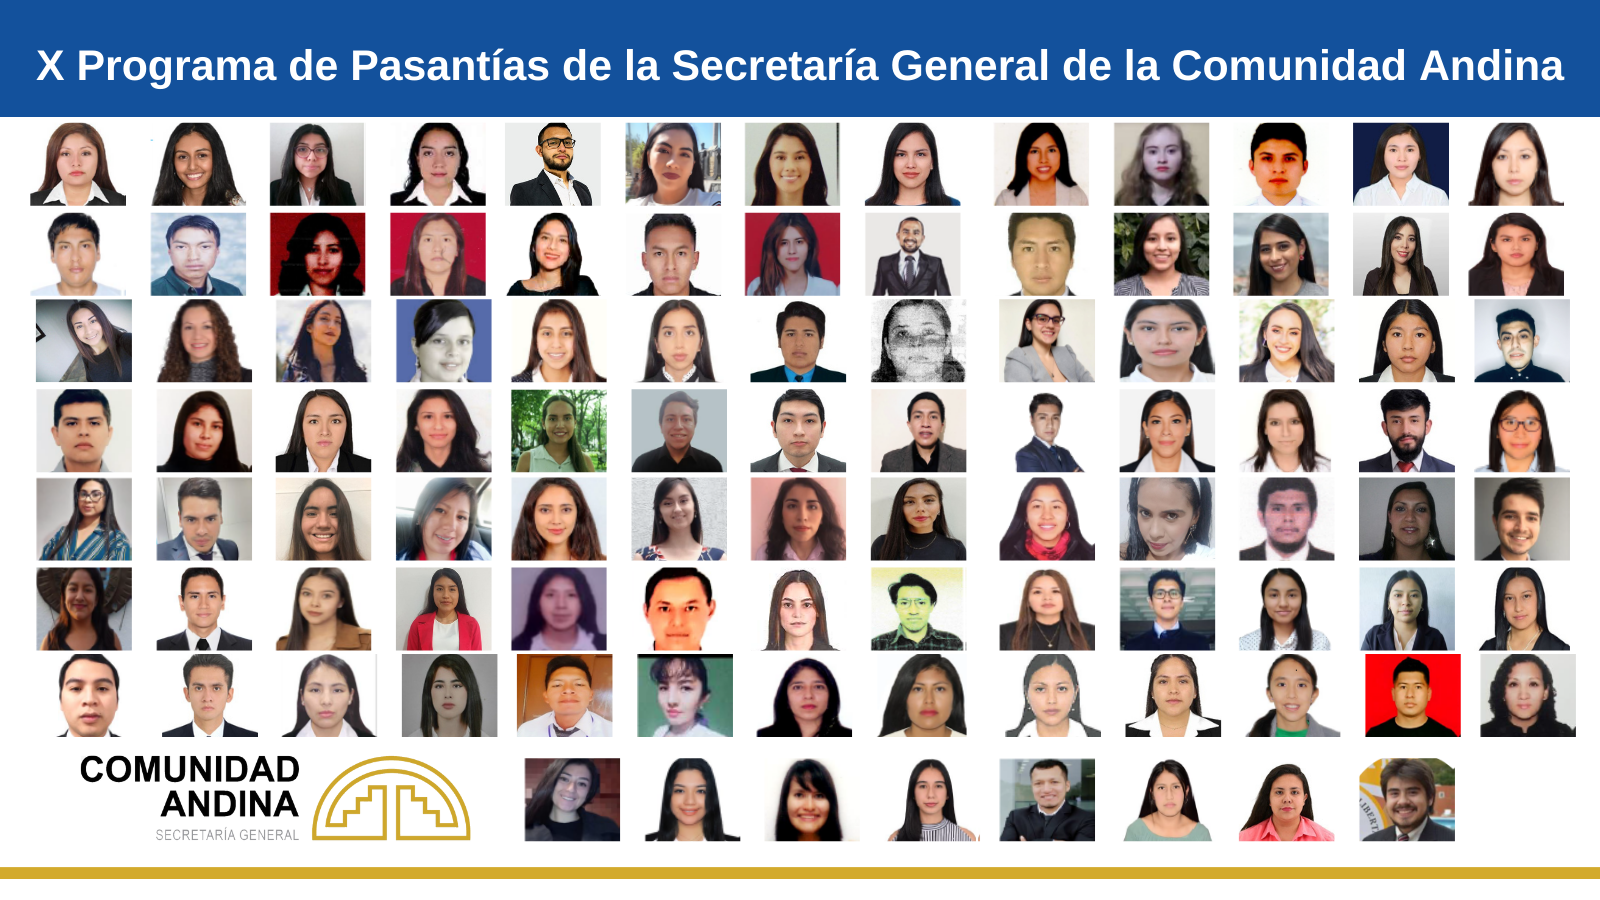 112 jóvenes profesionales de la Comunidad Andina participan en programa de pasantías 'PractiCAN'